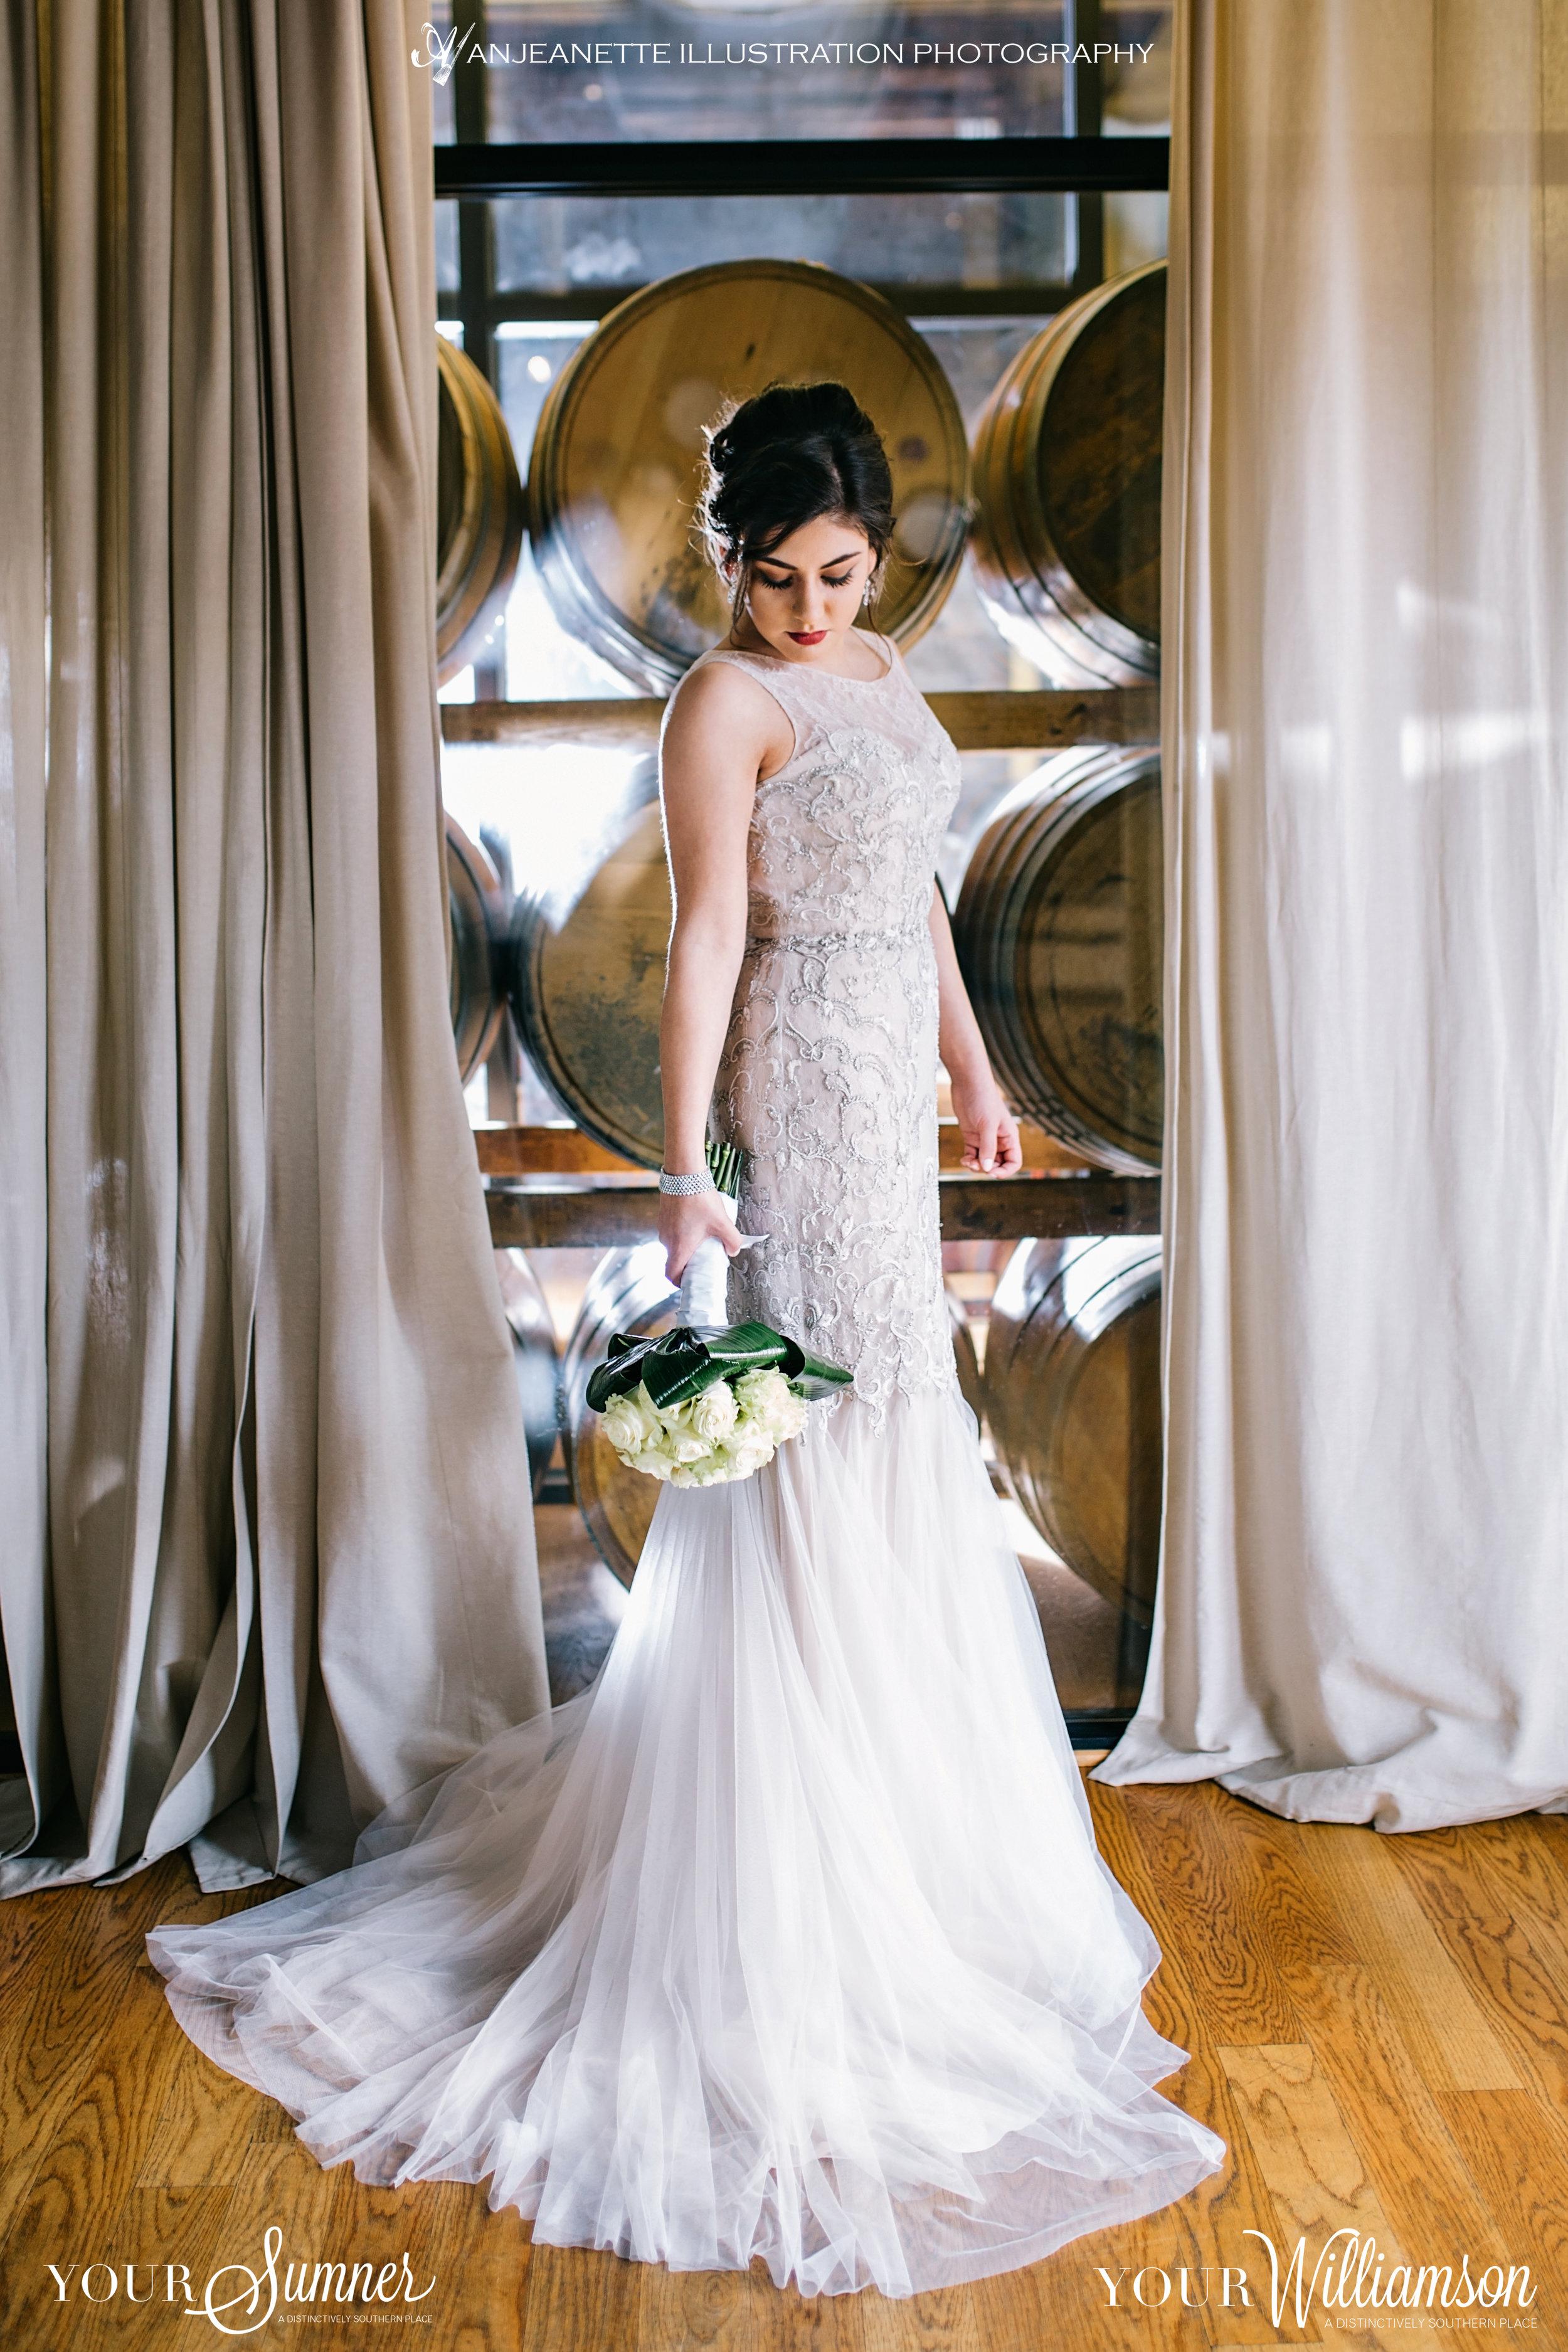 Hendersonville & Nashville Tennessee Wedding Photographer 37075 Anjeanette Illustration Photography